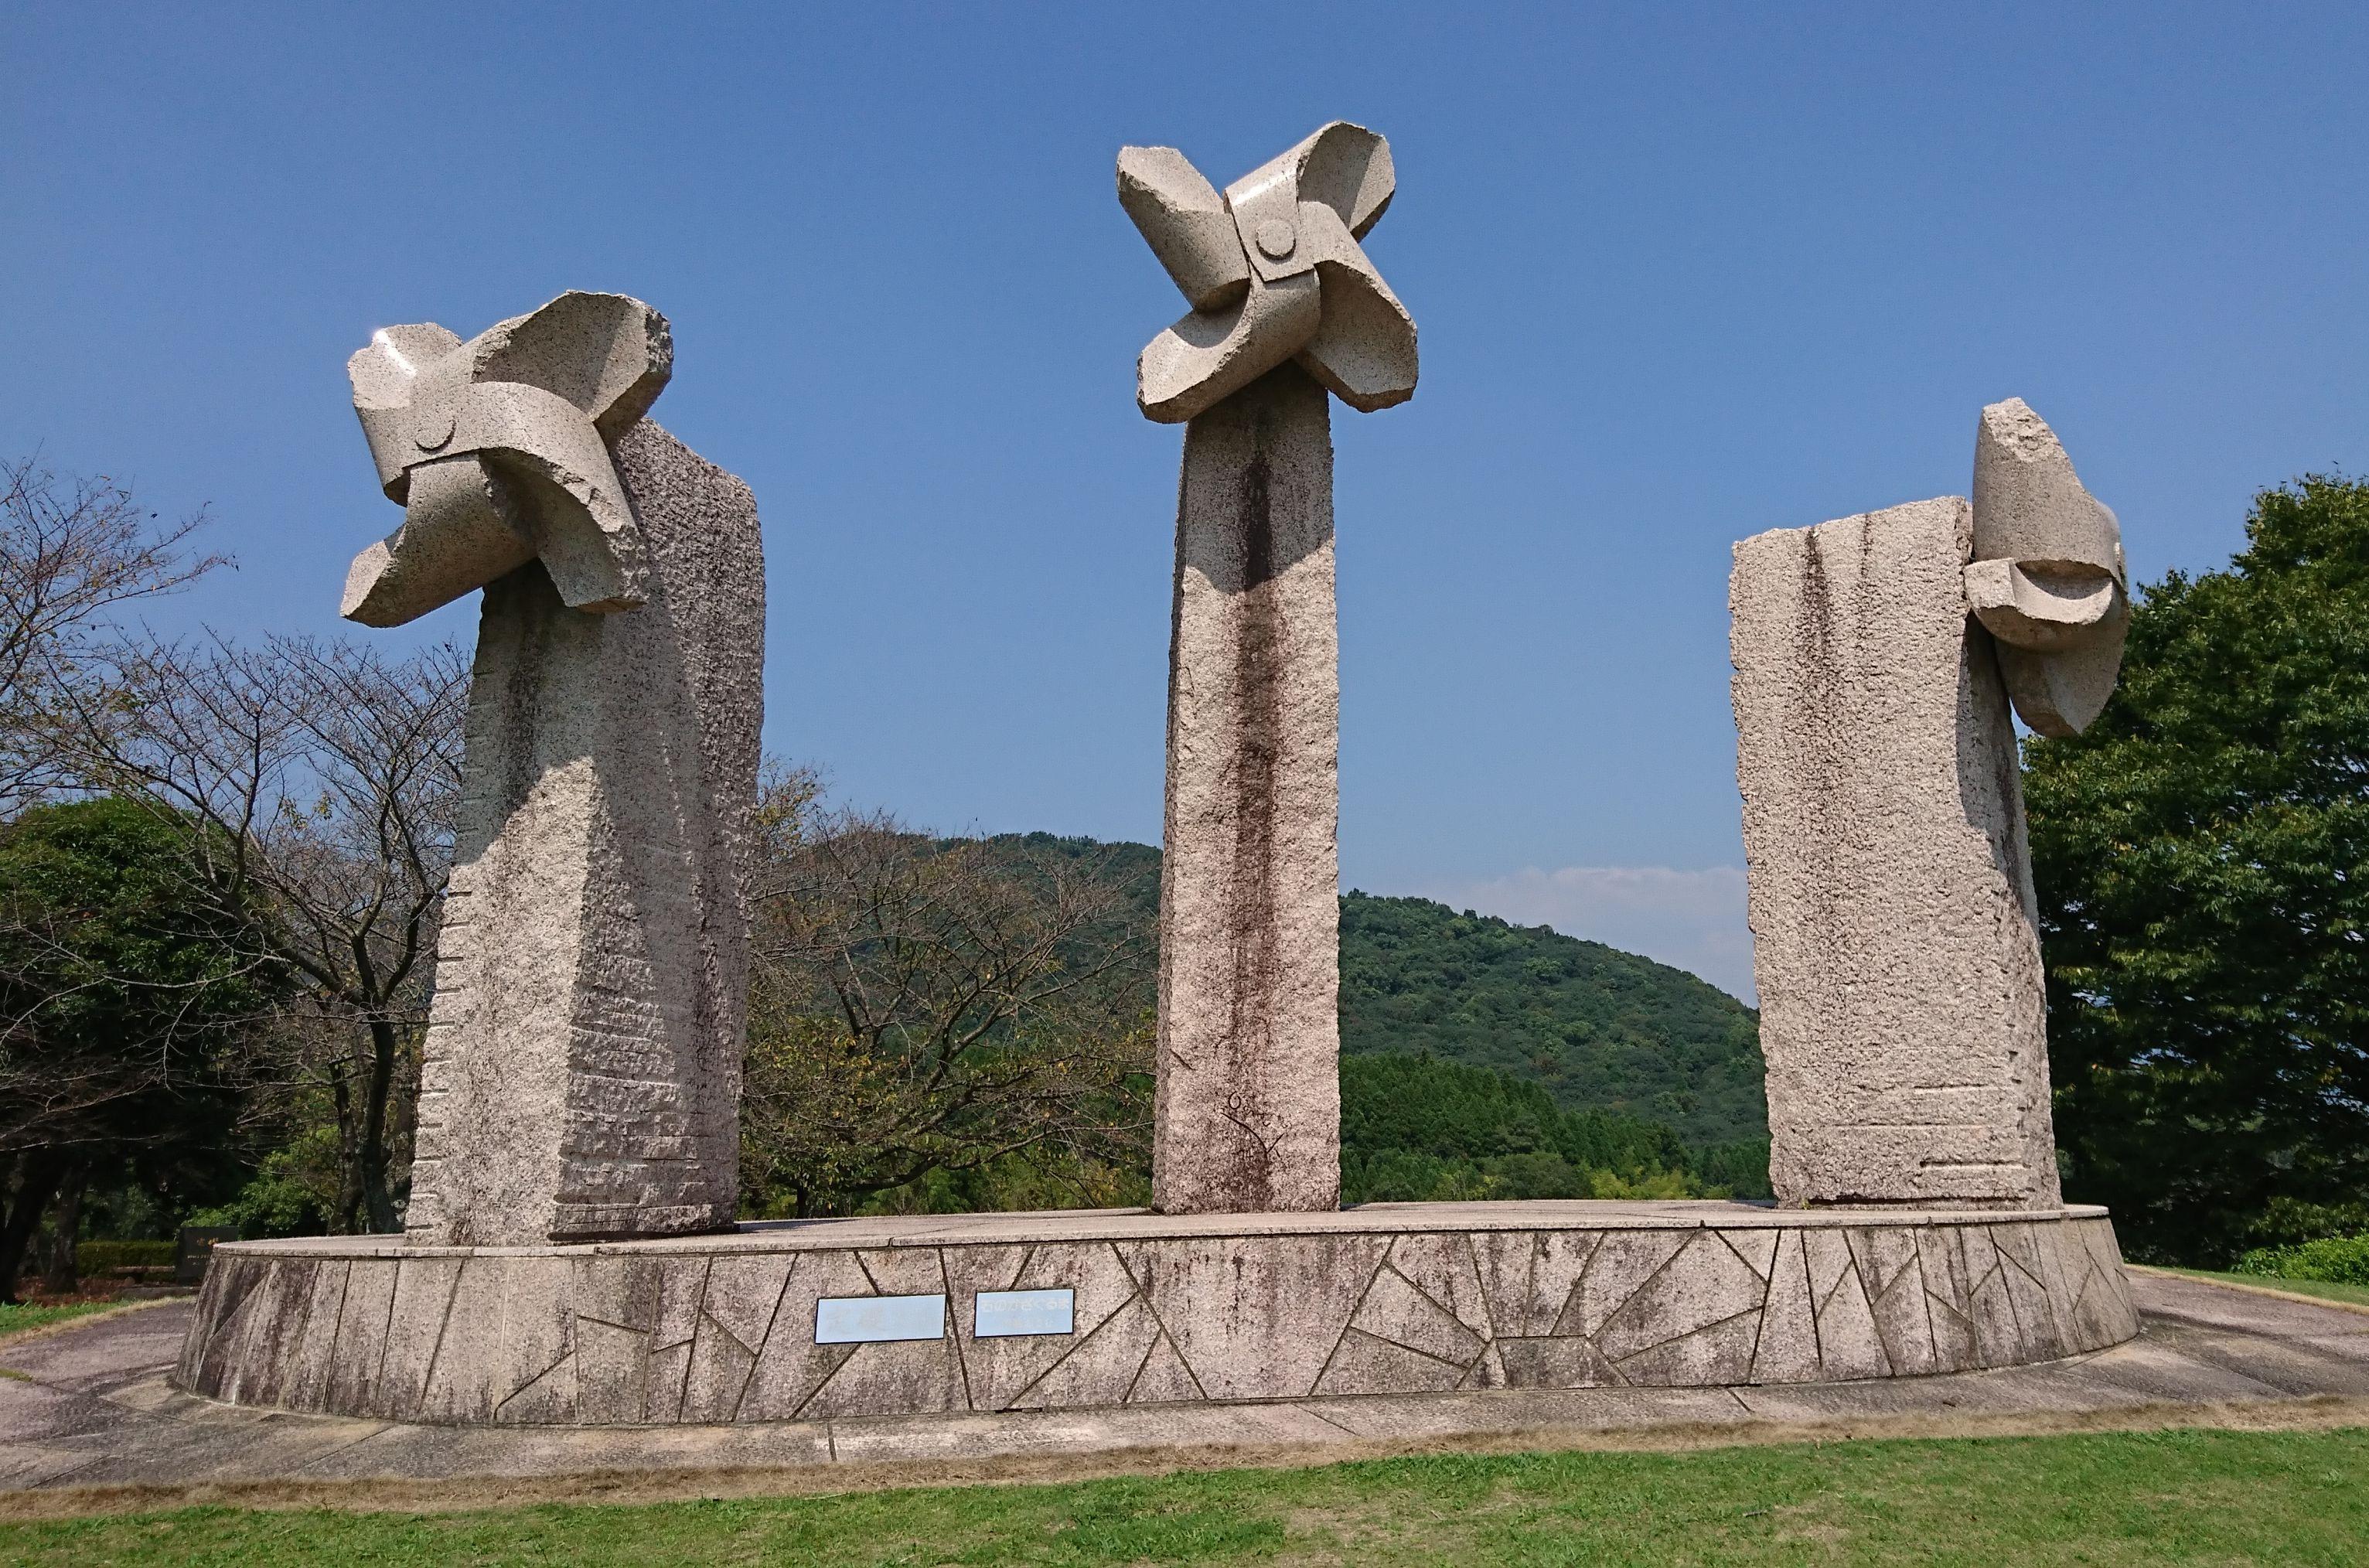 【一本松公園】山鹿市、石のかざぐるまが回る不思議な公園